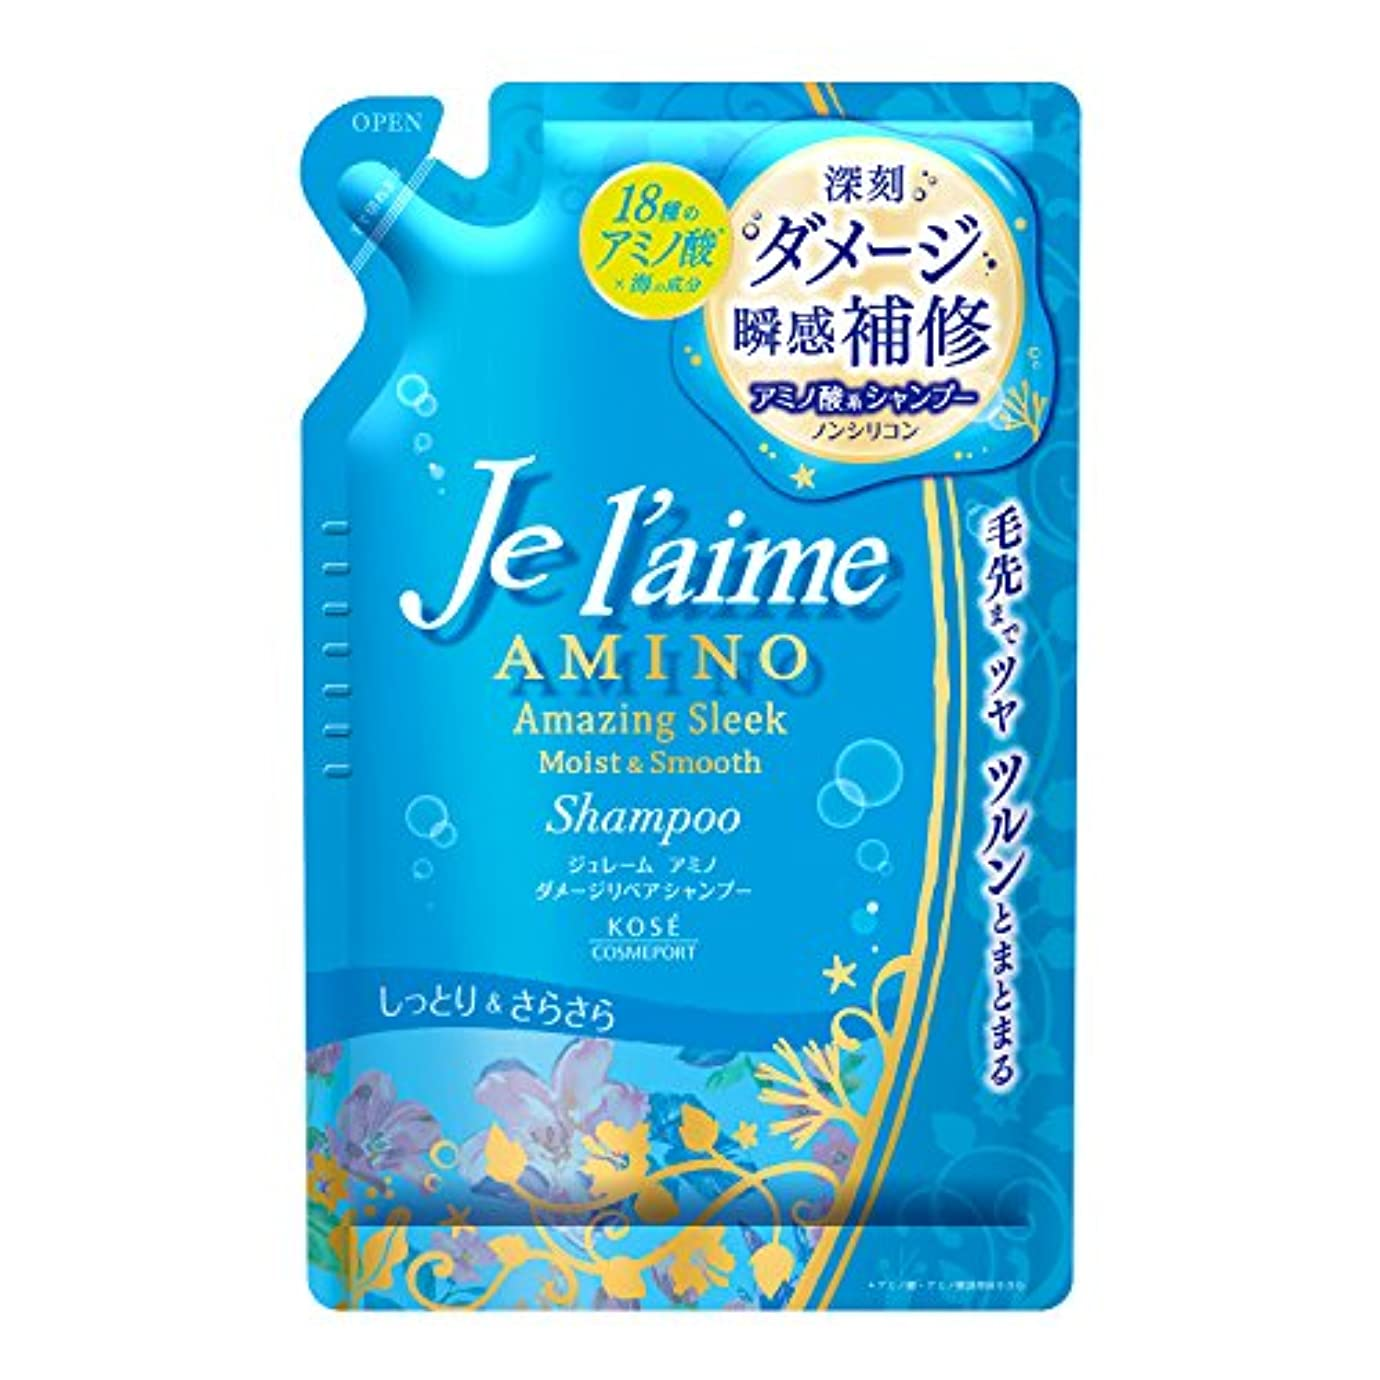 わがまま流すカップルKOSE コーセー ジュレーム アミノ ダメージ リペア シャンプー ノンシリコン アミノ酸 配合 (モイスト & スムース) つめかえ 400ml